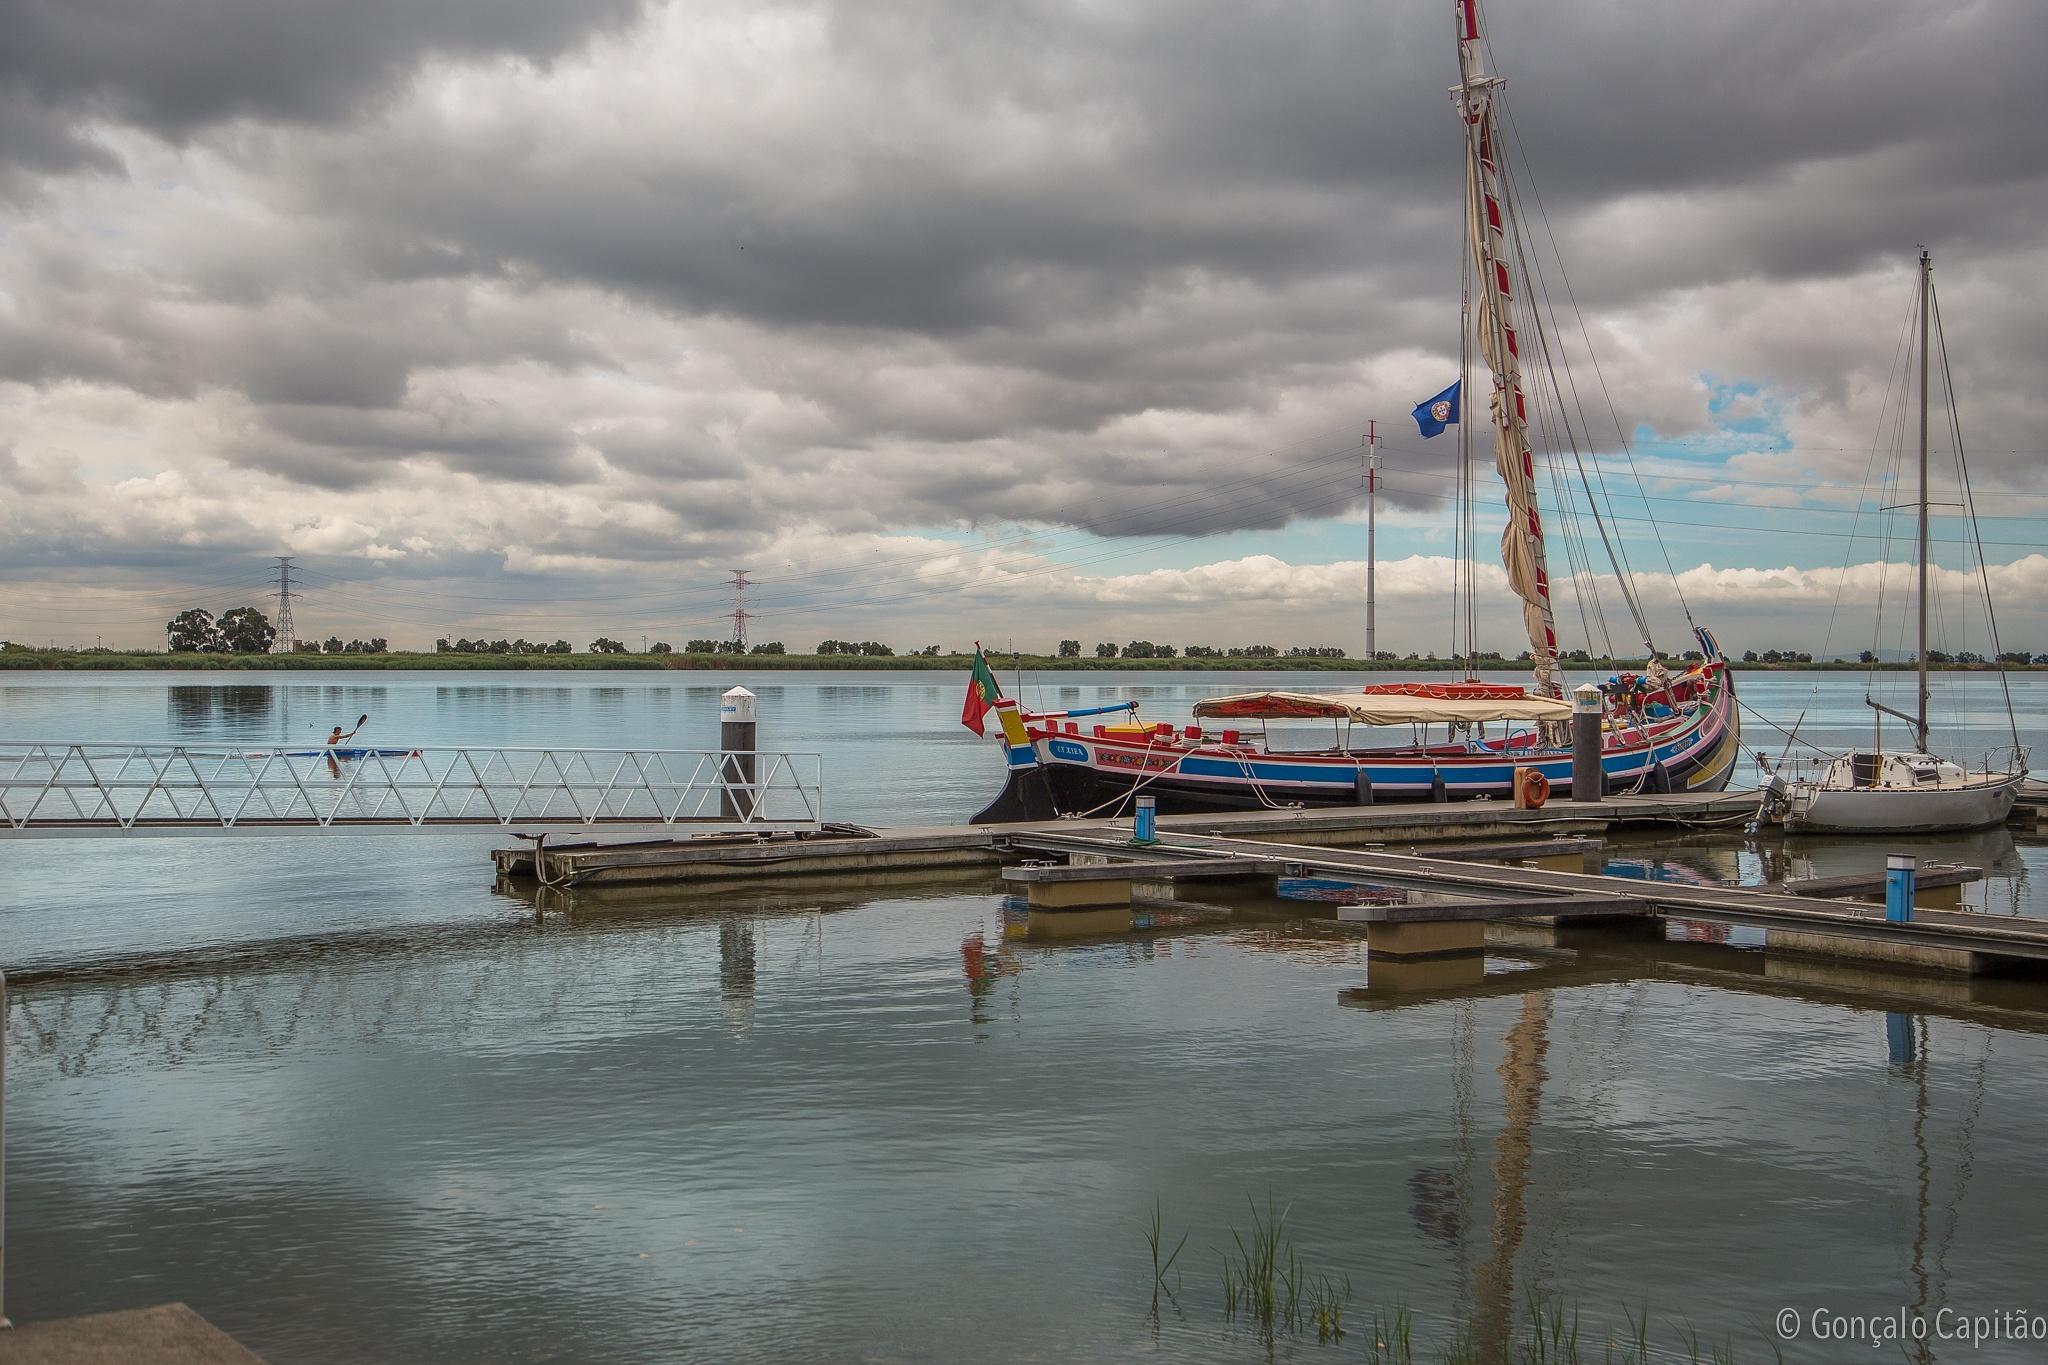 Barcos do Tejo by goncaloacapitao